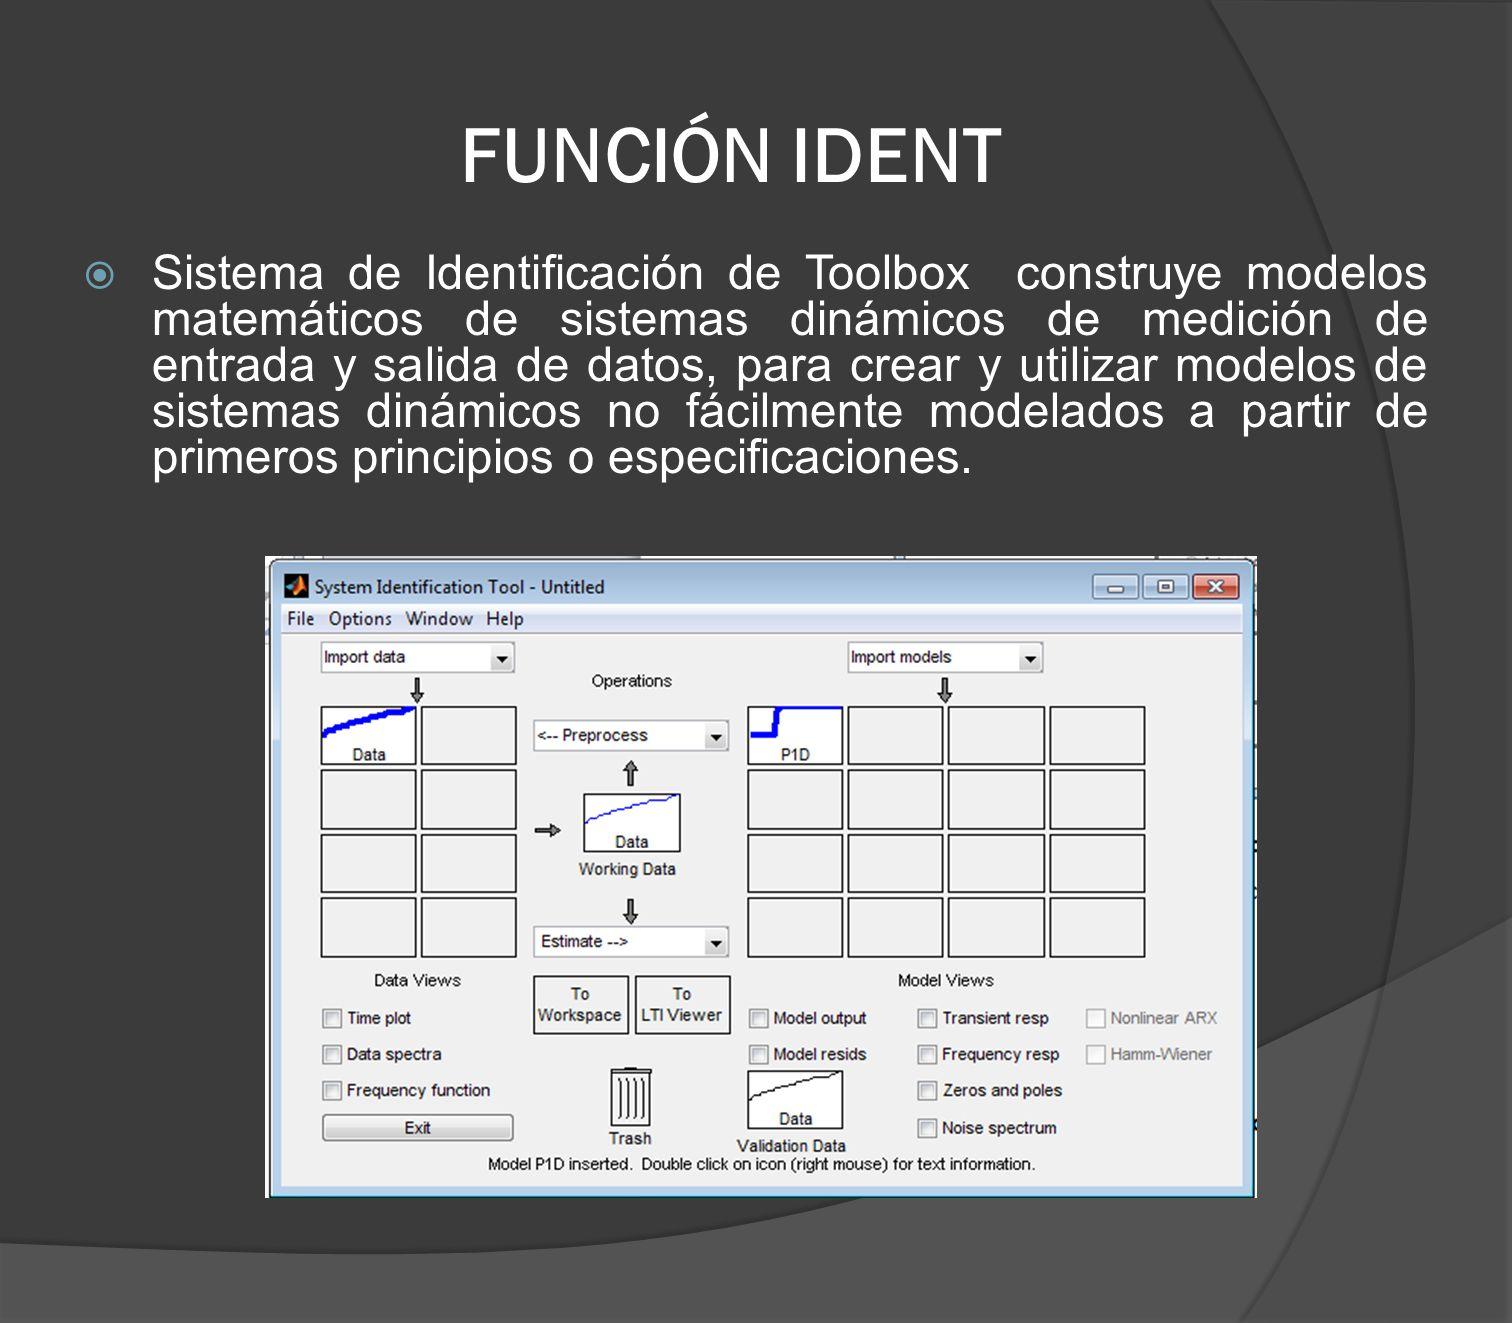 FUNCIÓN IDENT Sistema de Identificación de Toolbox construye modelos matemáticos de sistemas dinámicos de medición de entrada y salida de datos, para